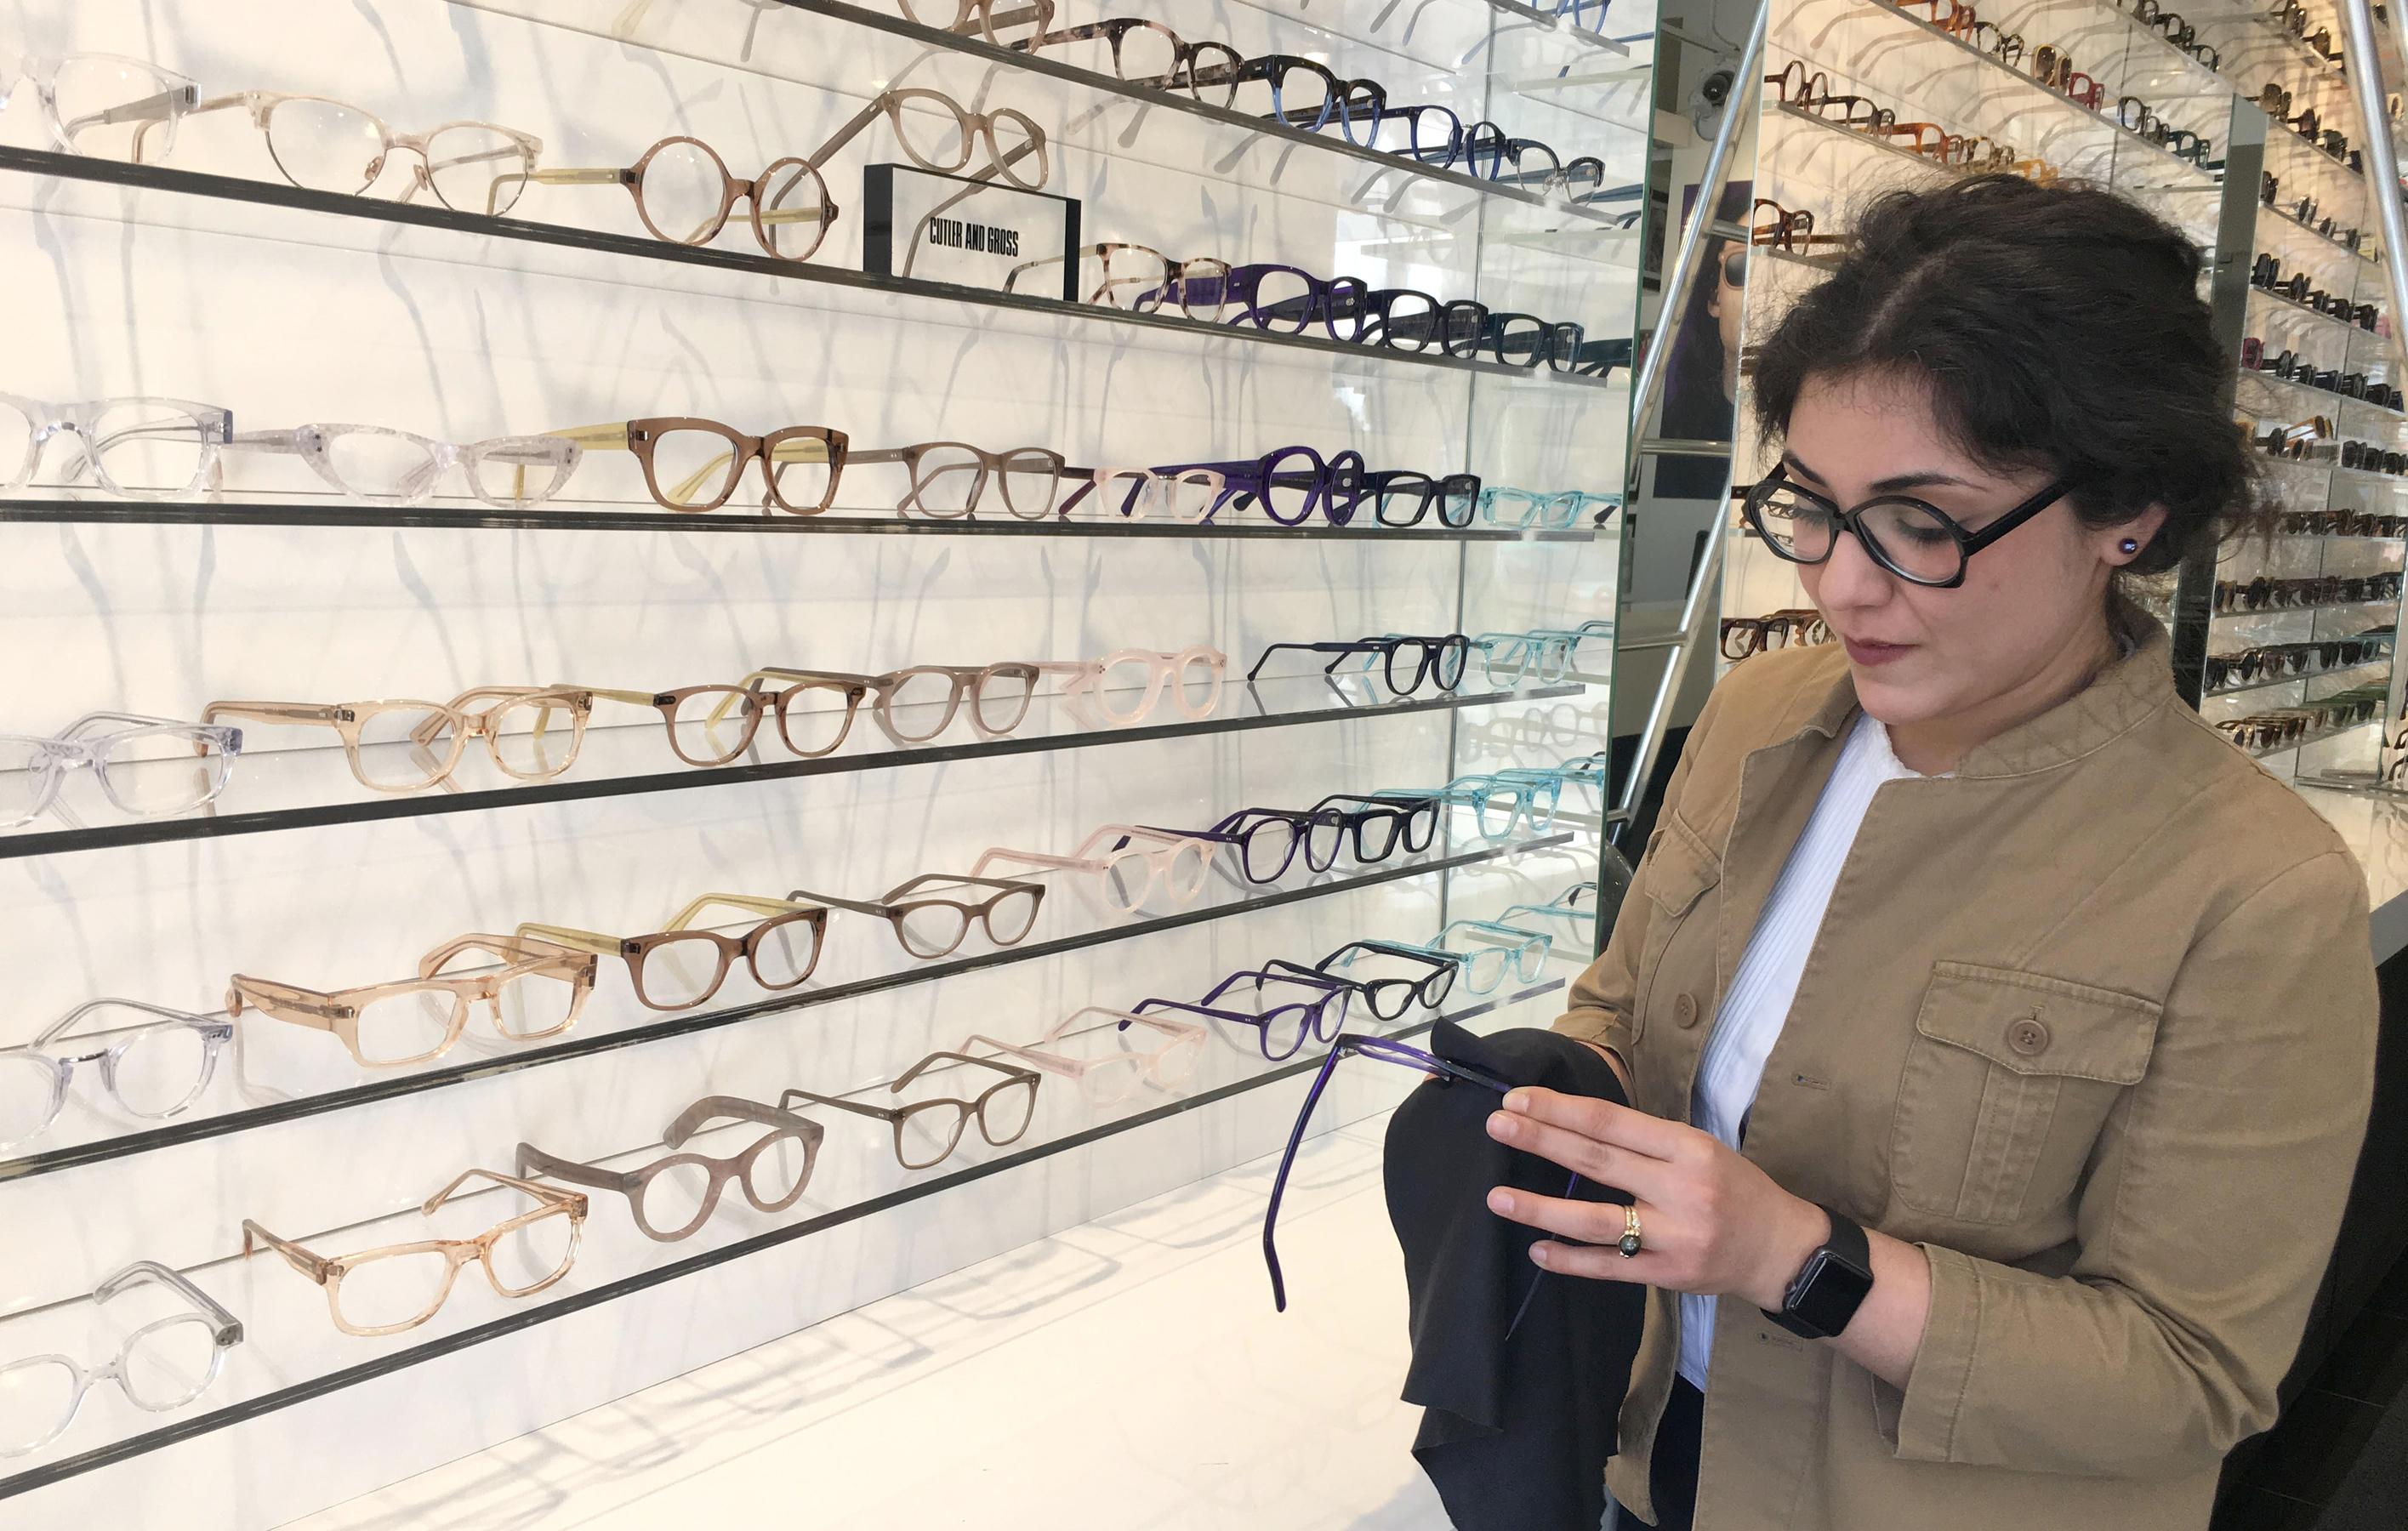 NEXTGEN: Building a career in eyewear at Cutler & Gross